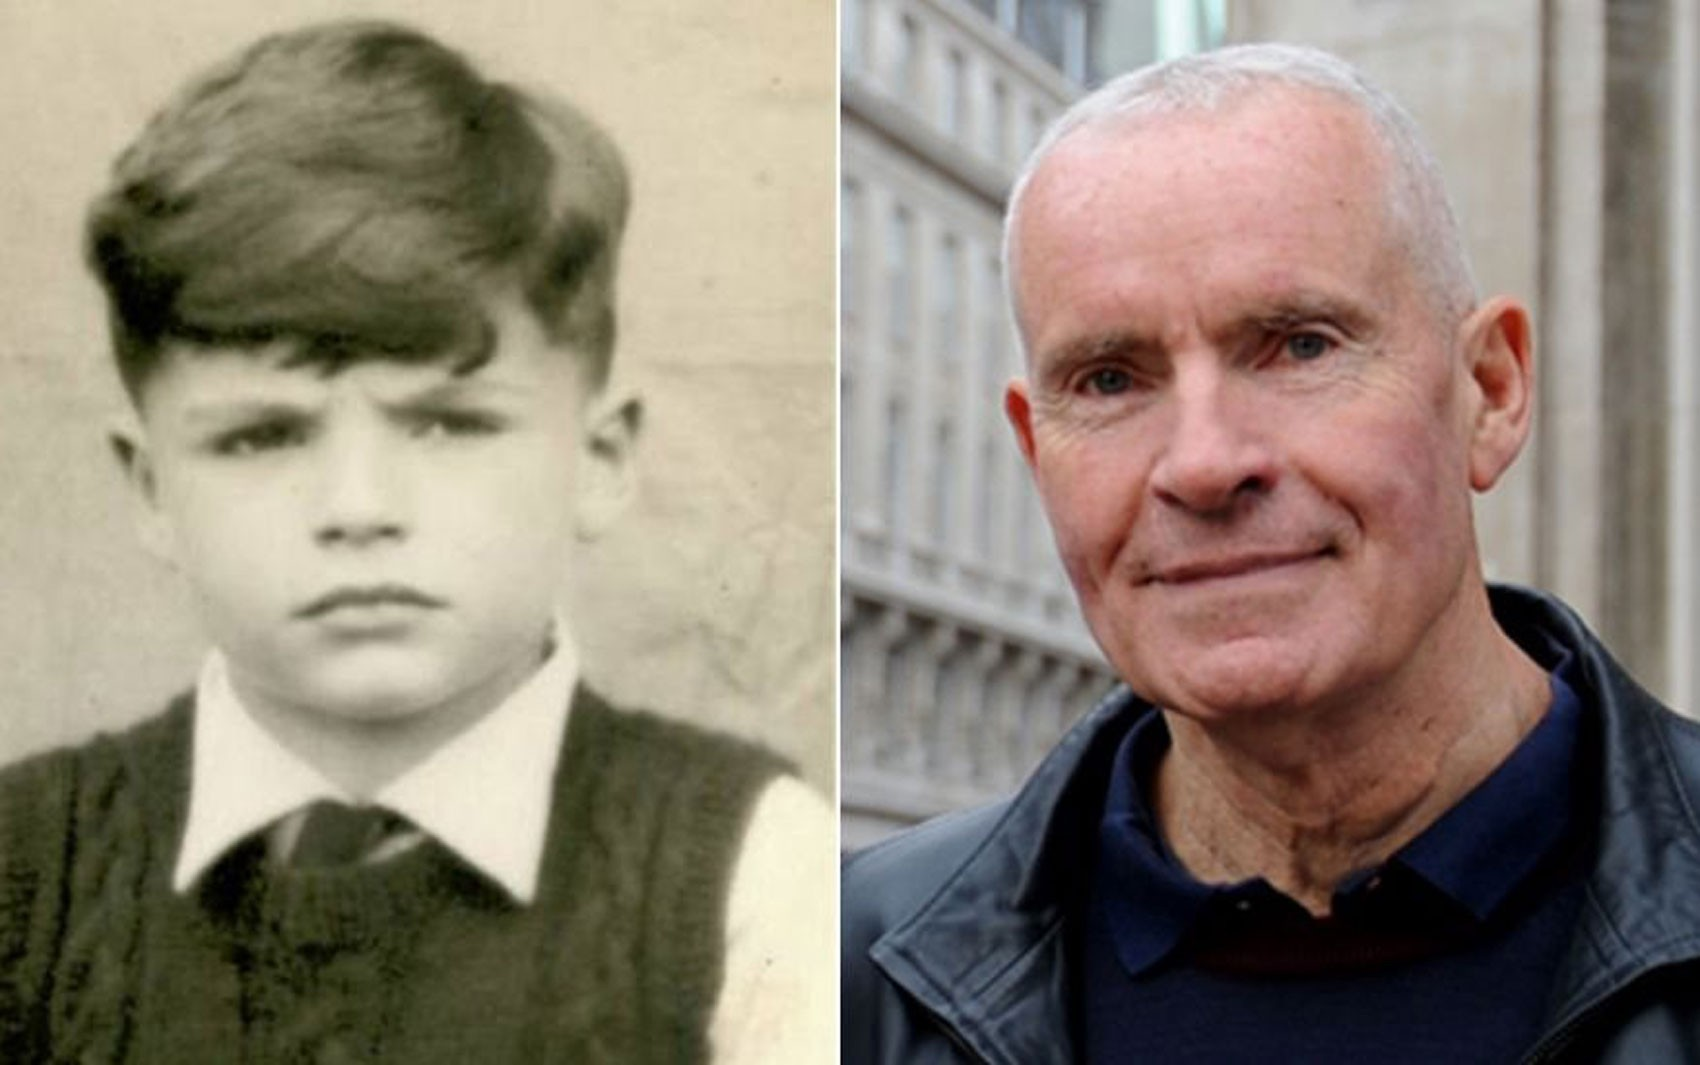 O mistério do bebê abandonado na rua durante a guerra desvendado 74 anos depois